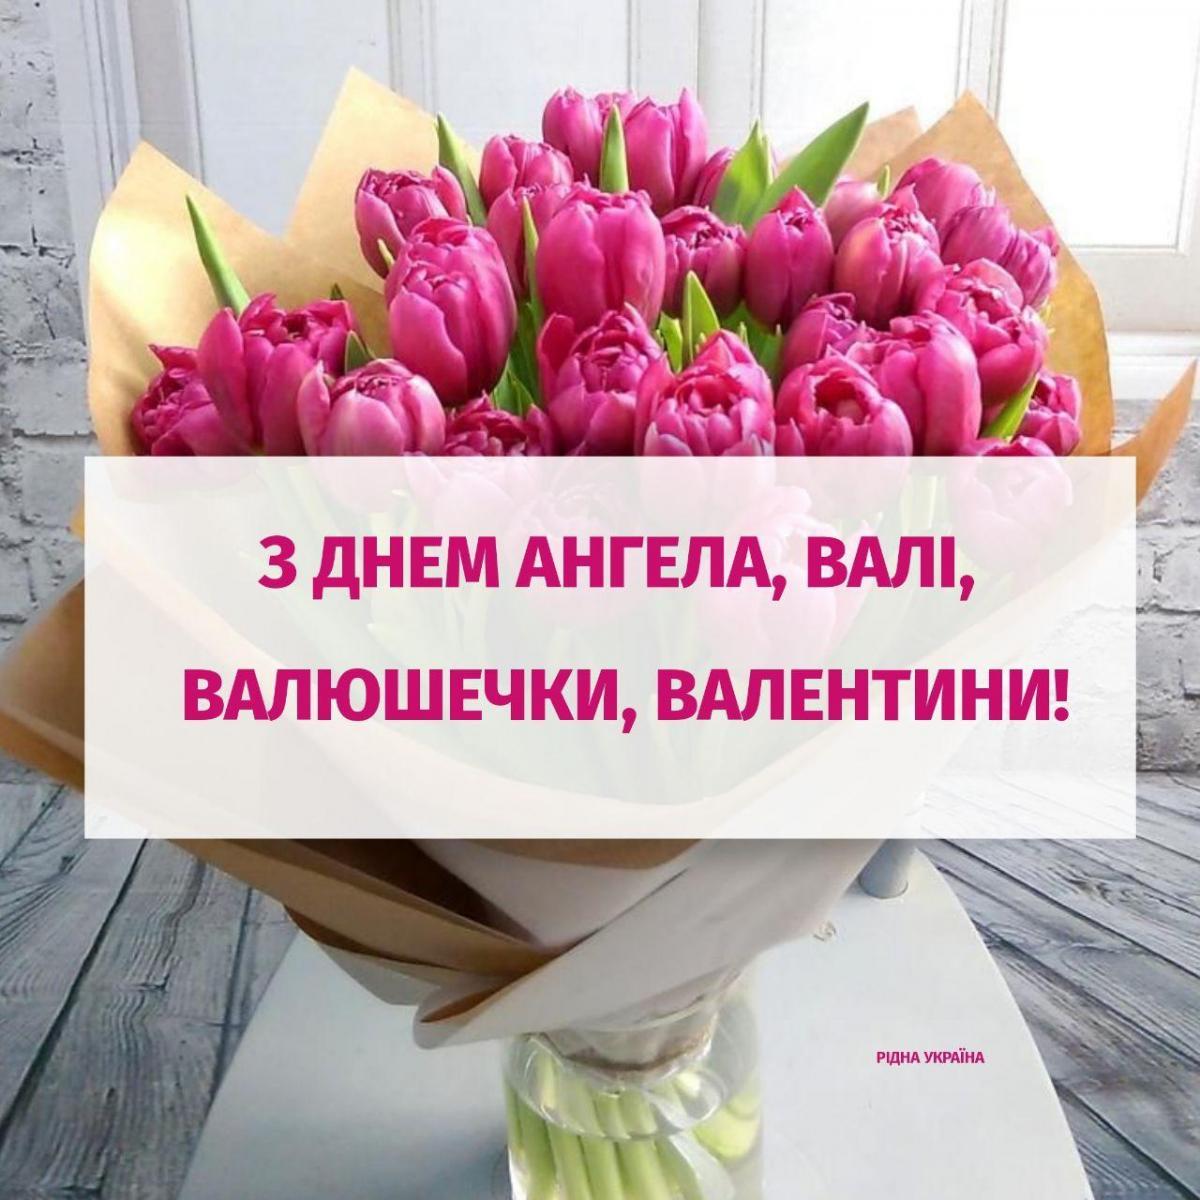 Привітання з Днем ангела Валентини / ridna.com.ua